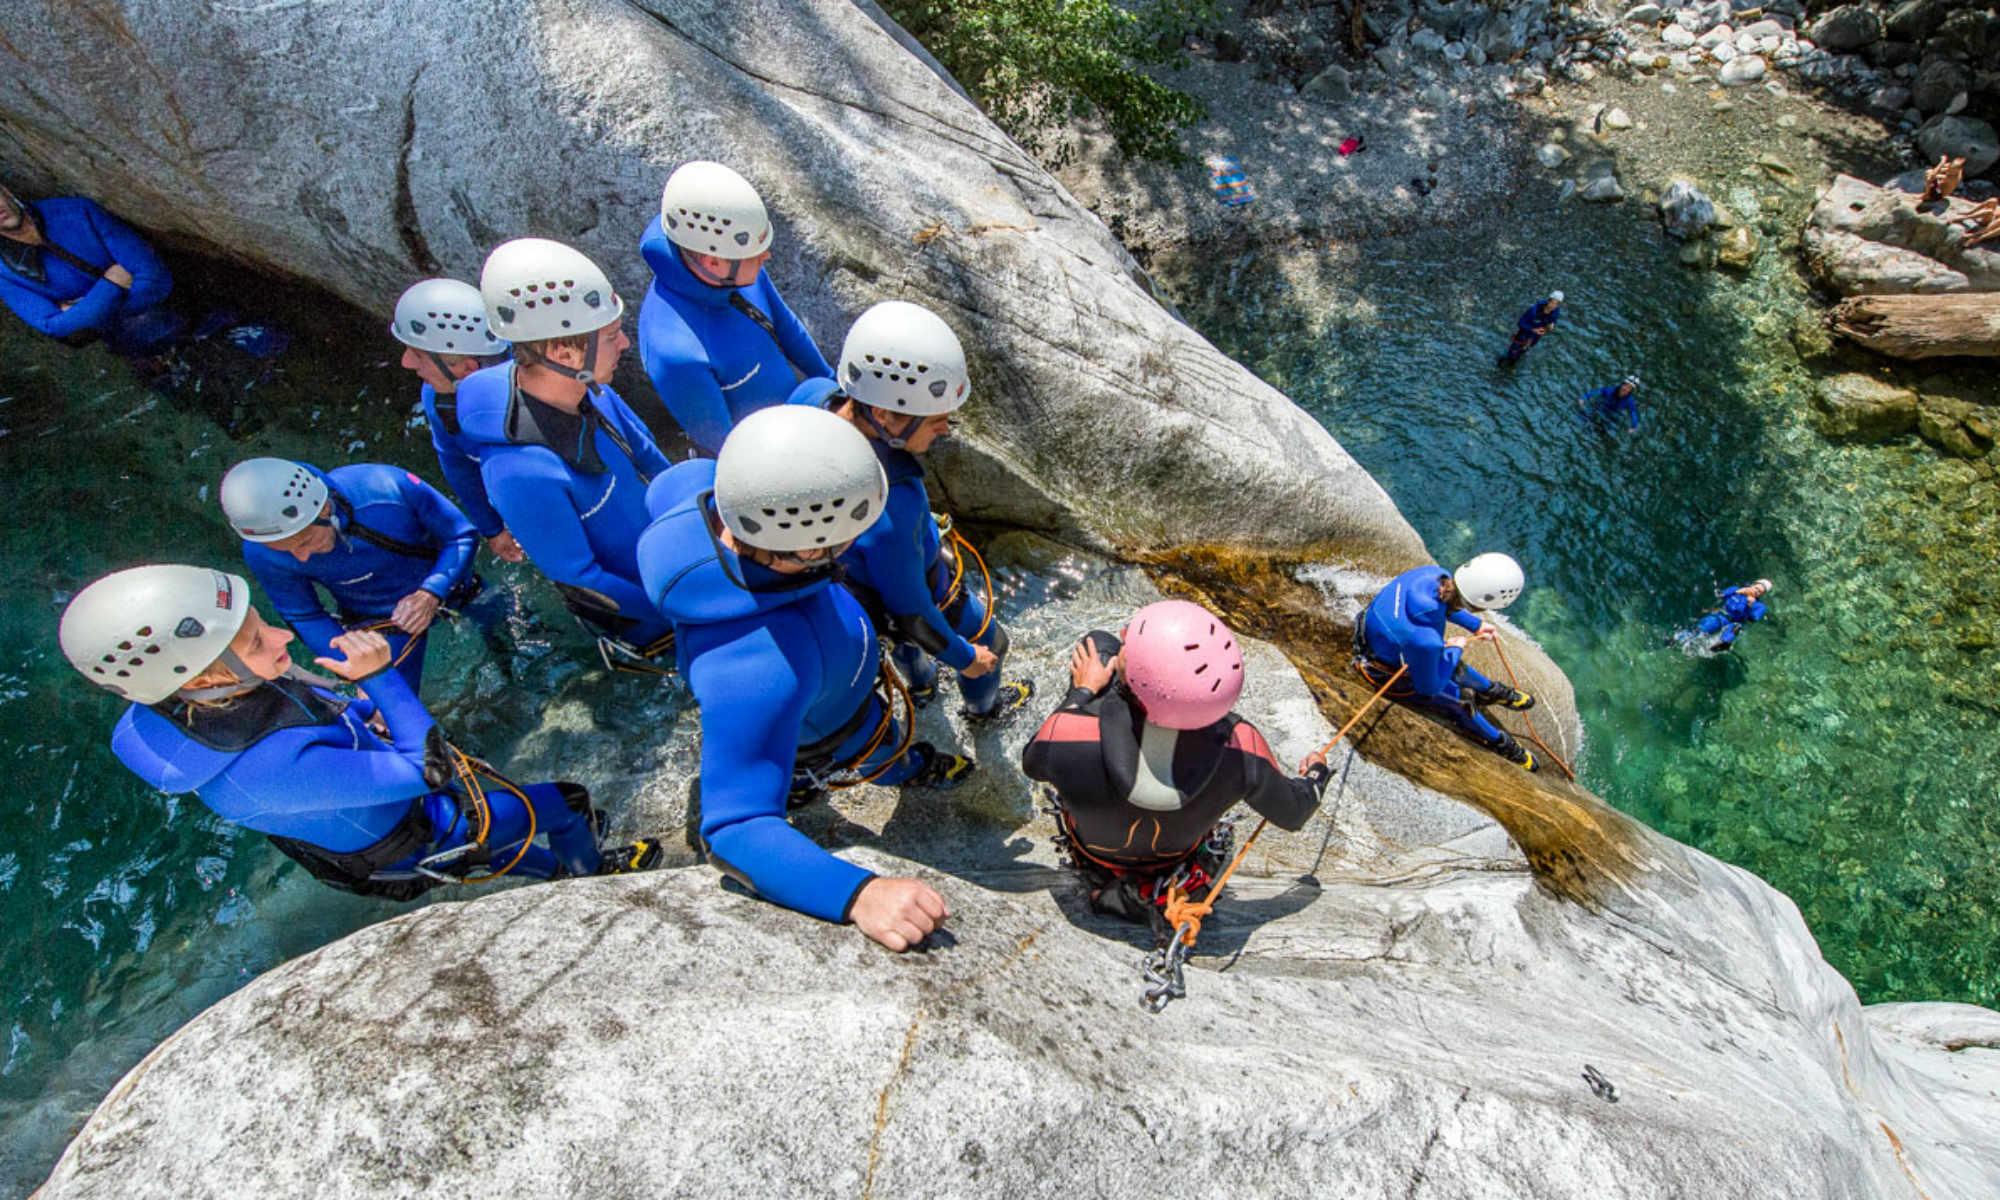 Un gruppo si appresta a fare una calata durante un'escursione di canyoning in Svizzera.